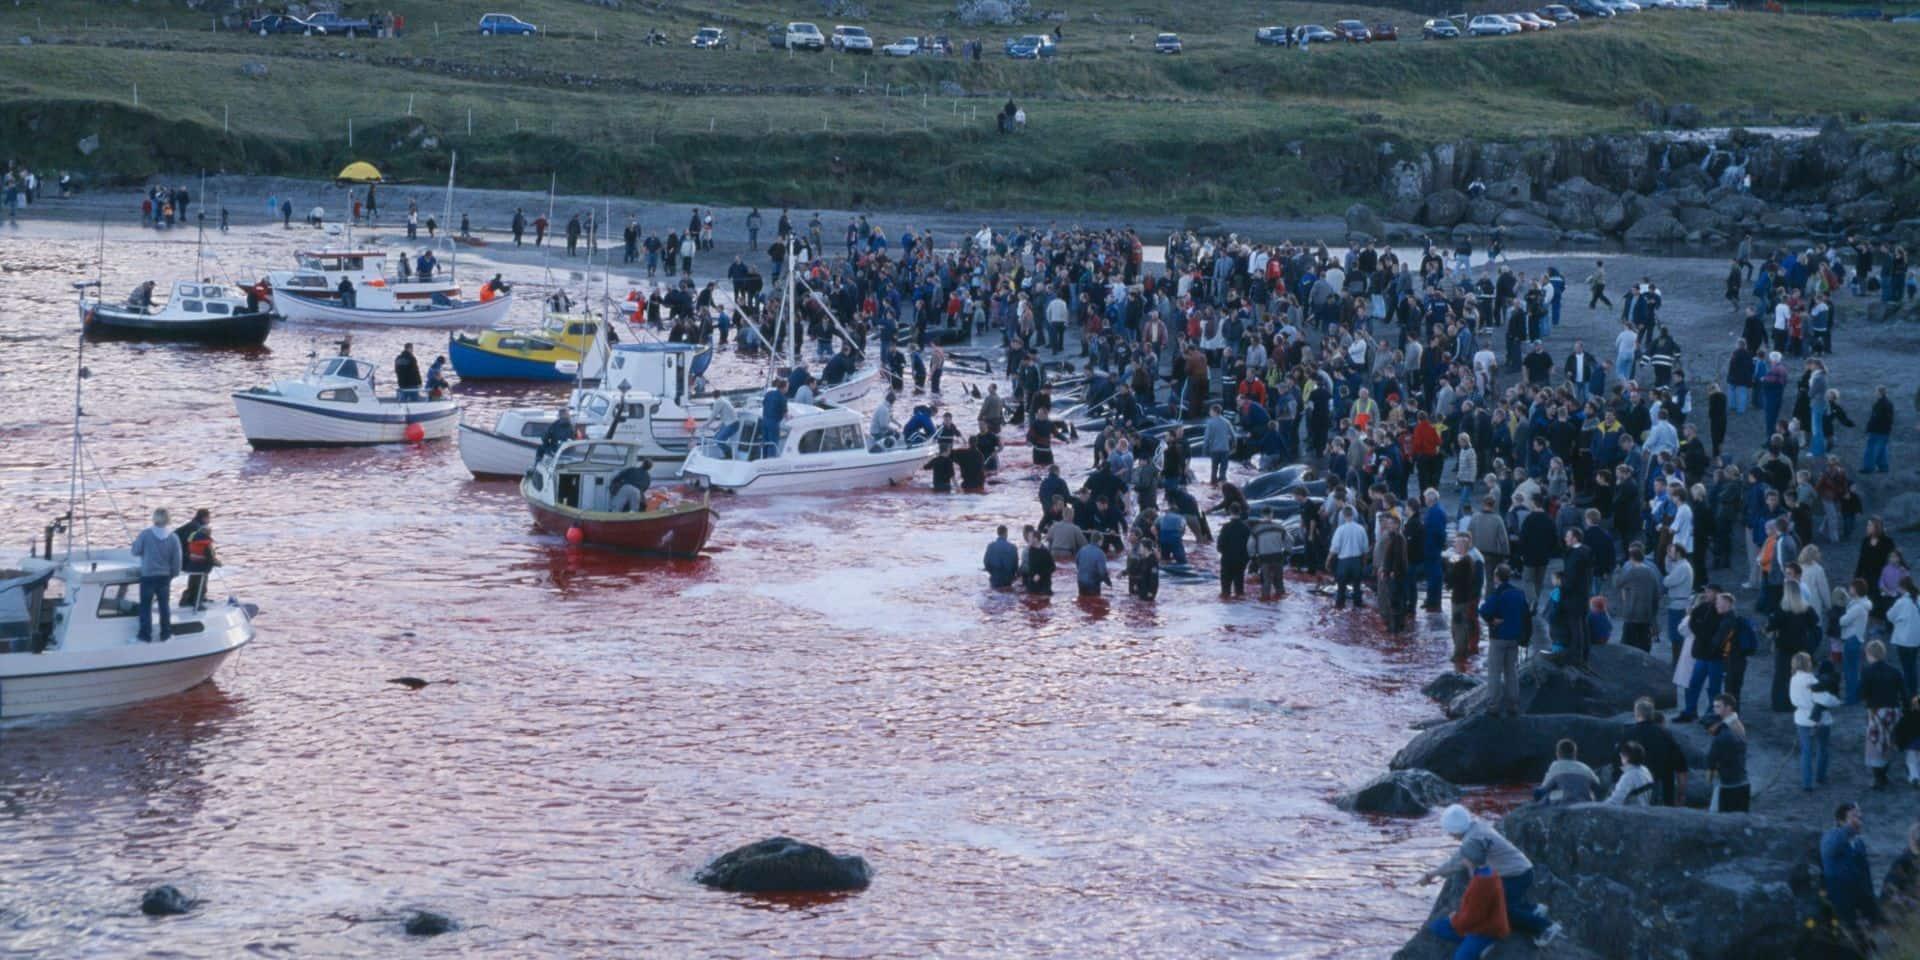 Le Grindadráp, cette tradition mortelle durant laquelle des centaines de dauphins sont massacrés